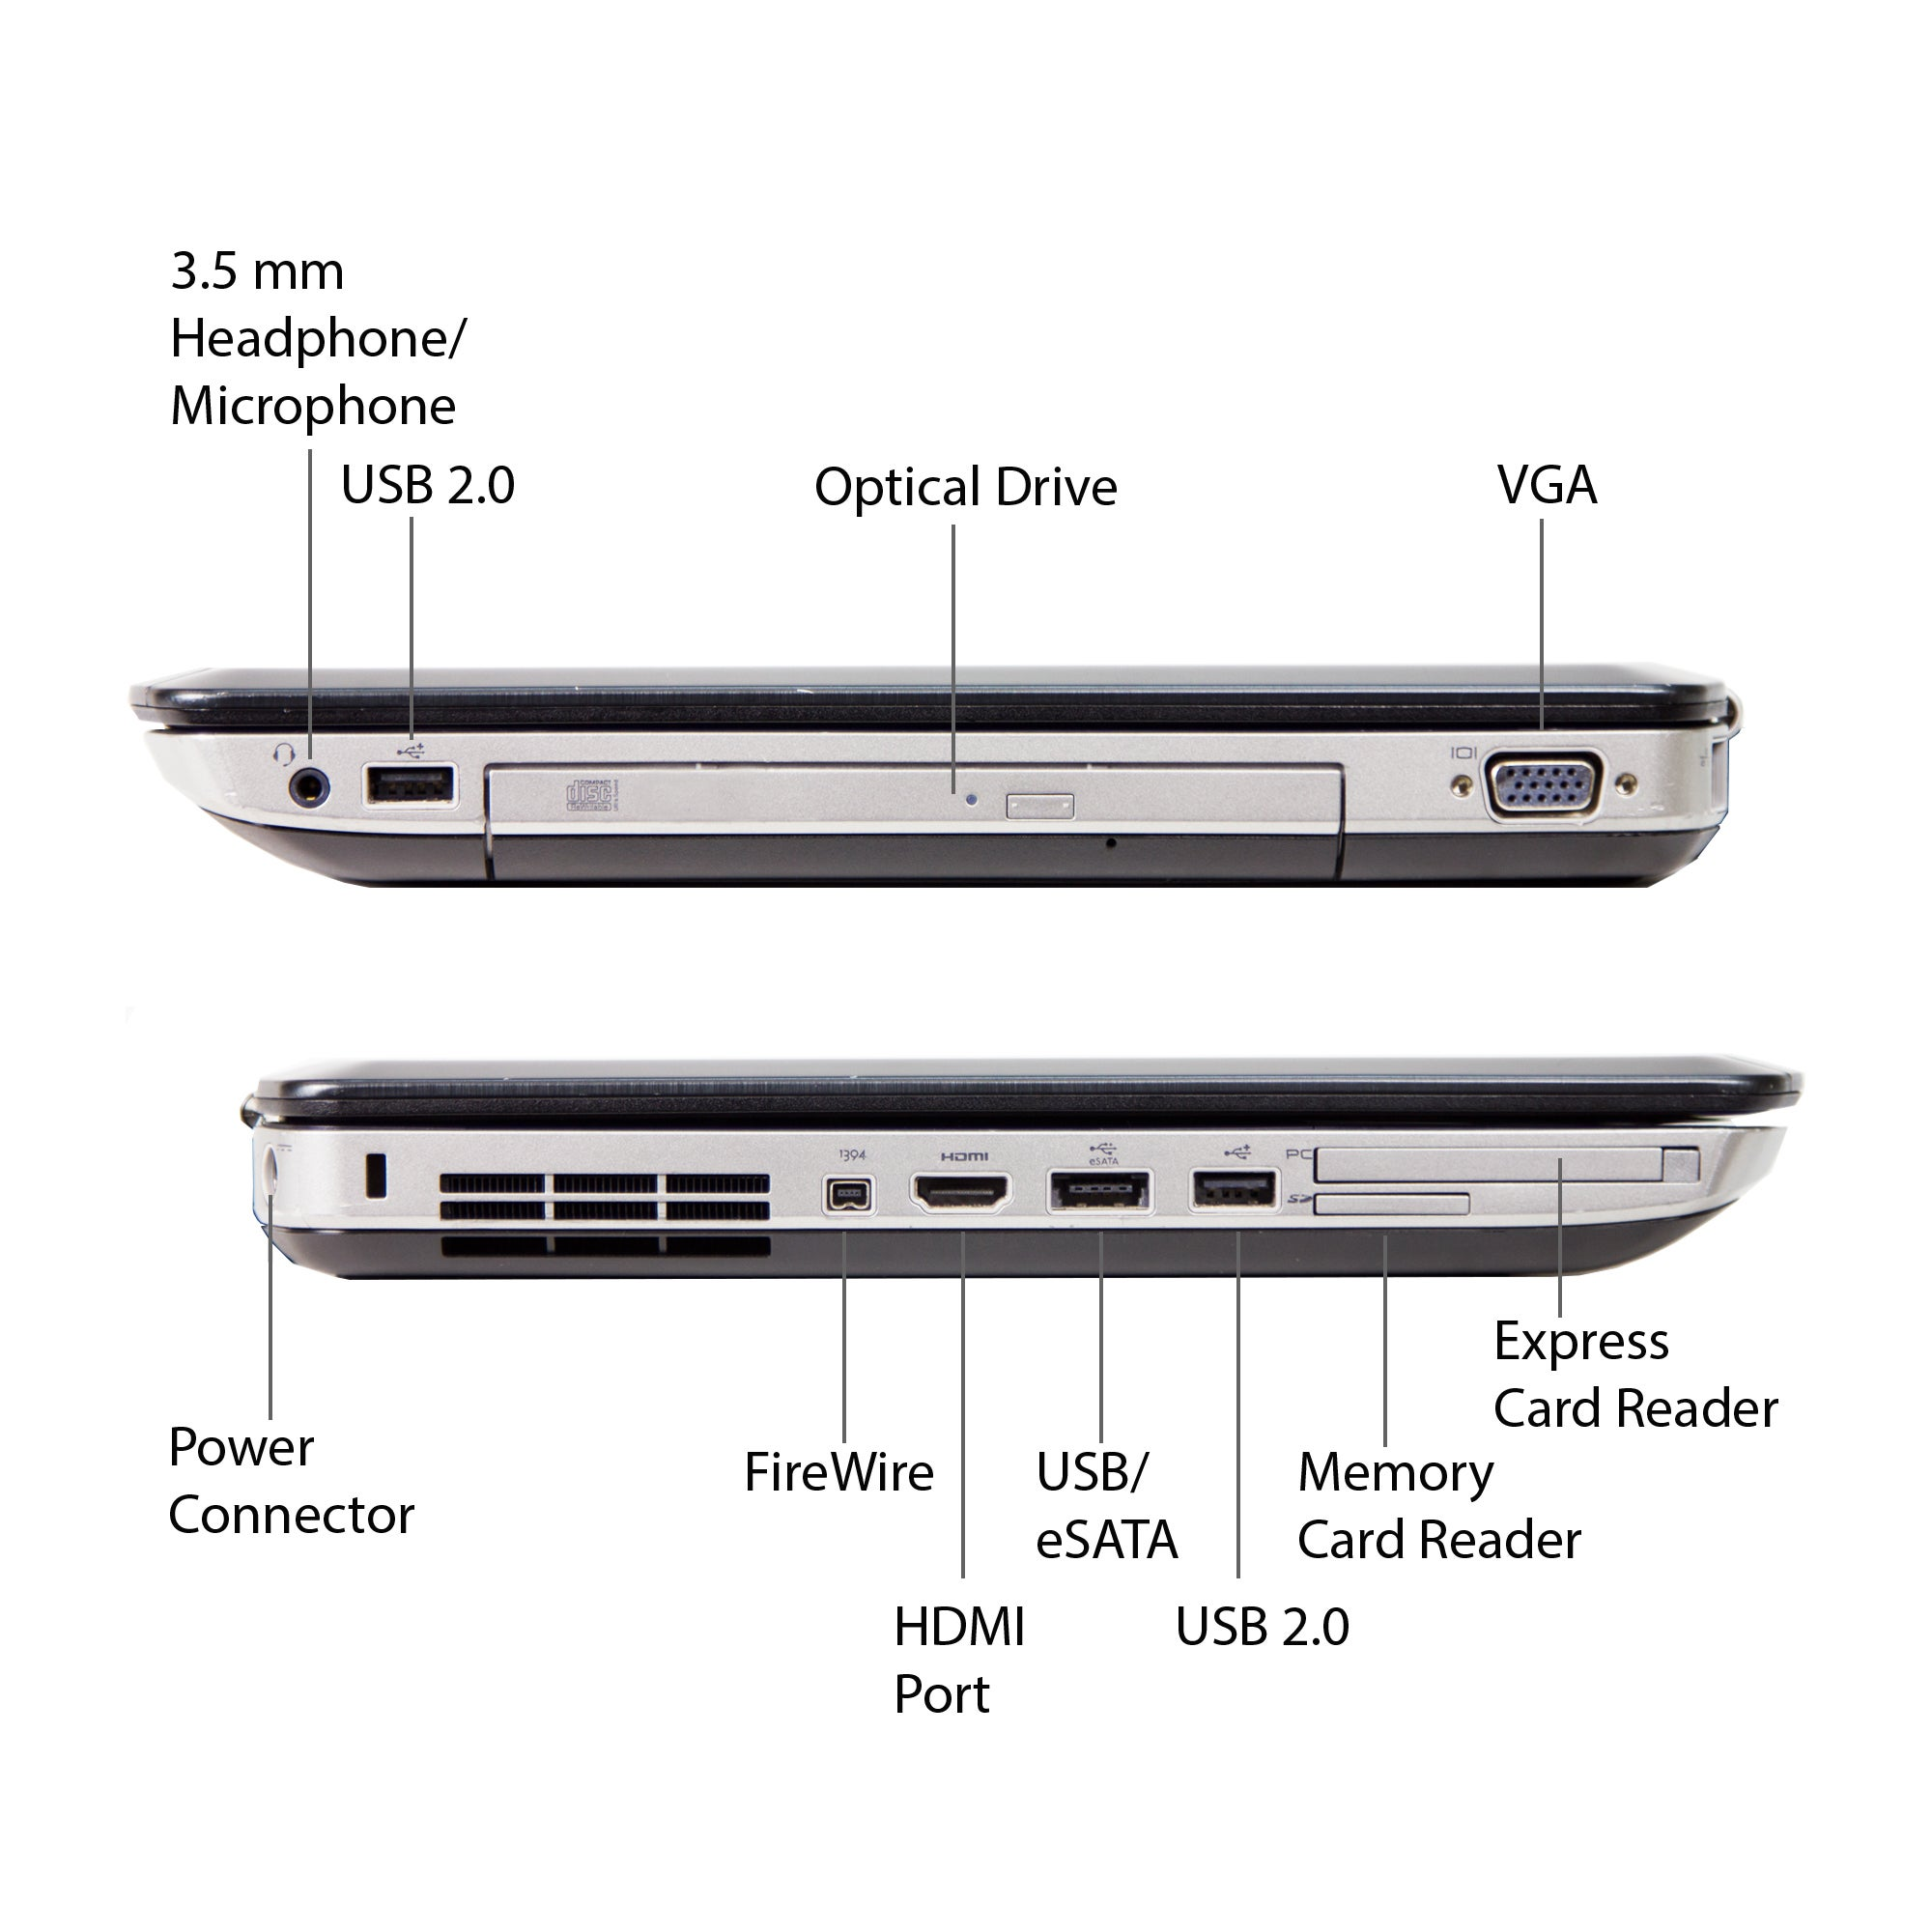 Dell Laptop Headphones Not Working